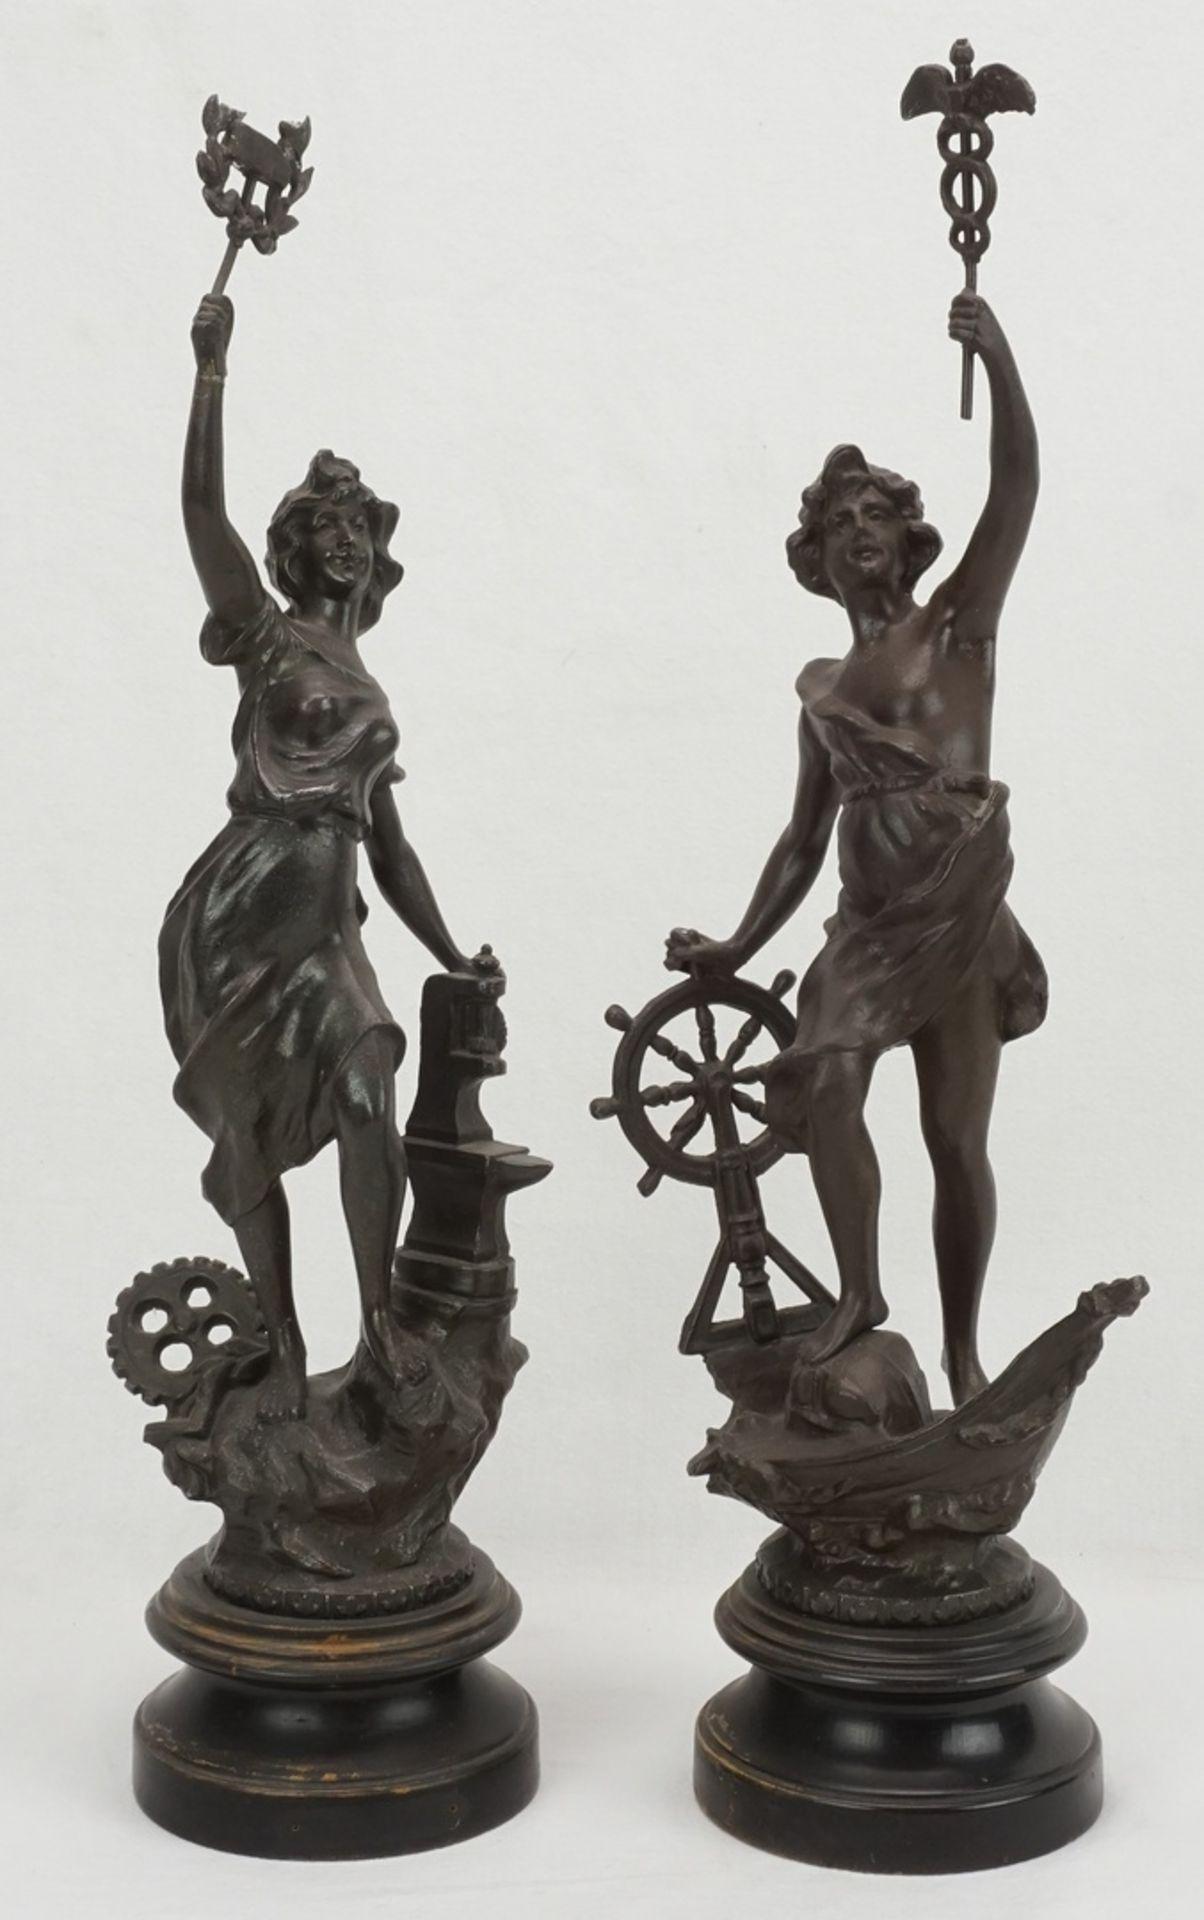 Zwei allegorische Figuren, für Handwerk und Wirtschaft & Handel